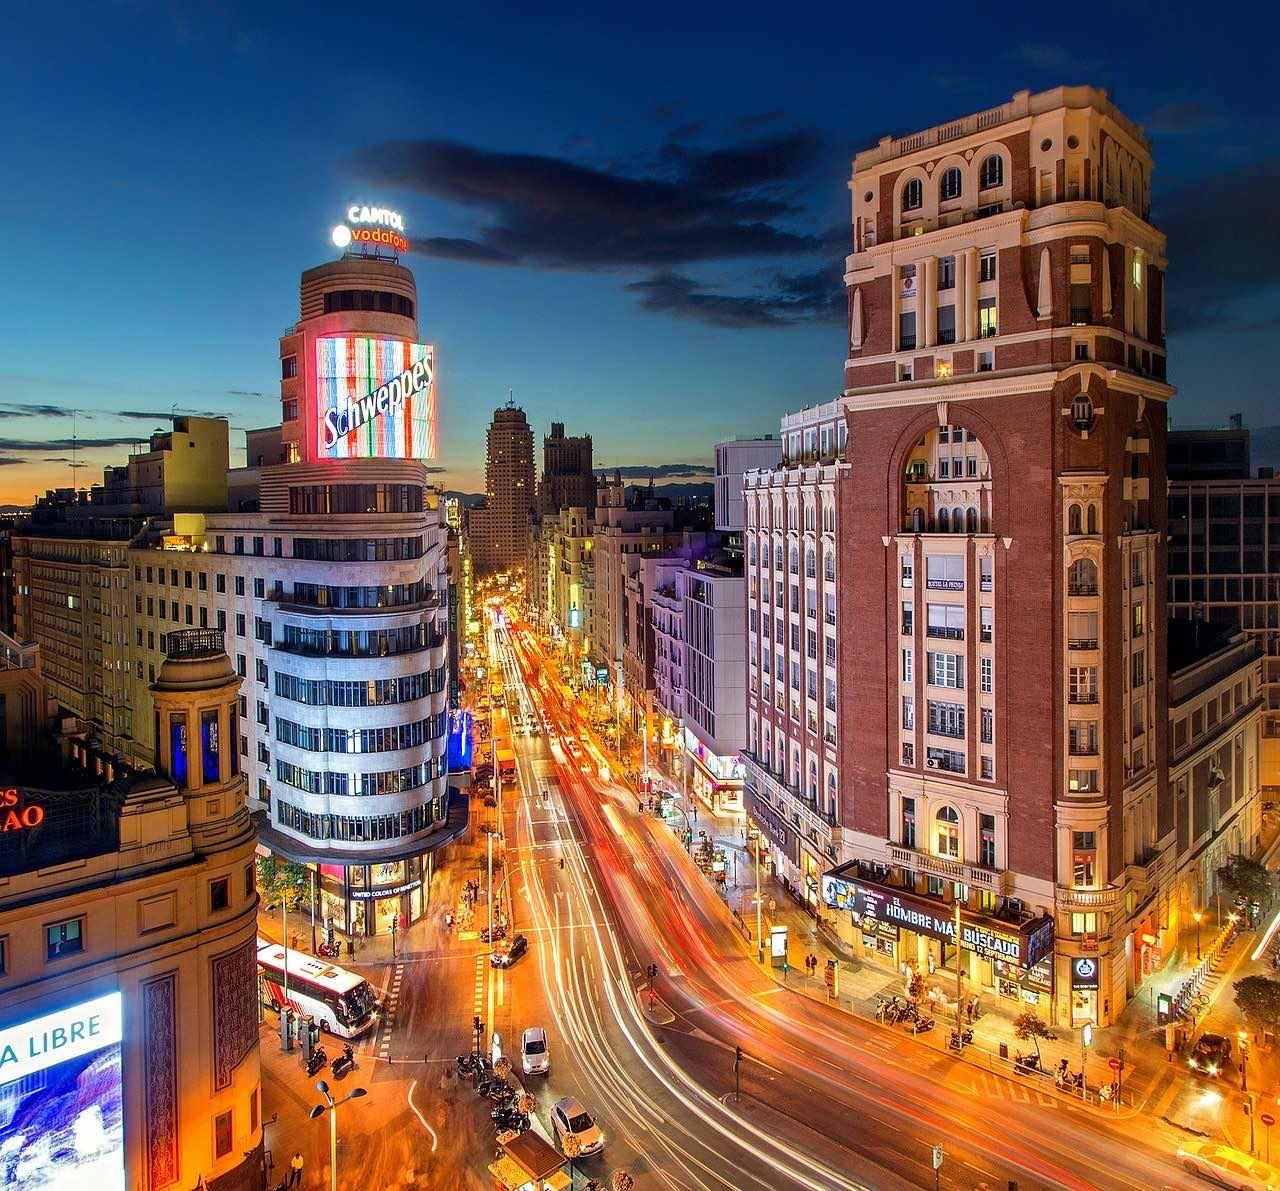 Plaza Del Callao_Madrid_Spain_PD